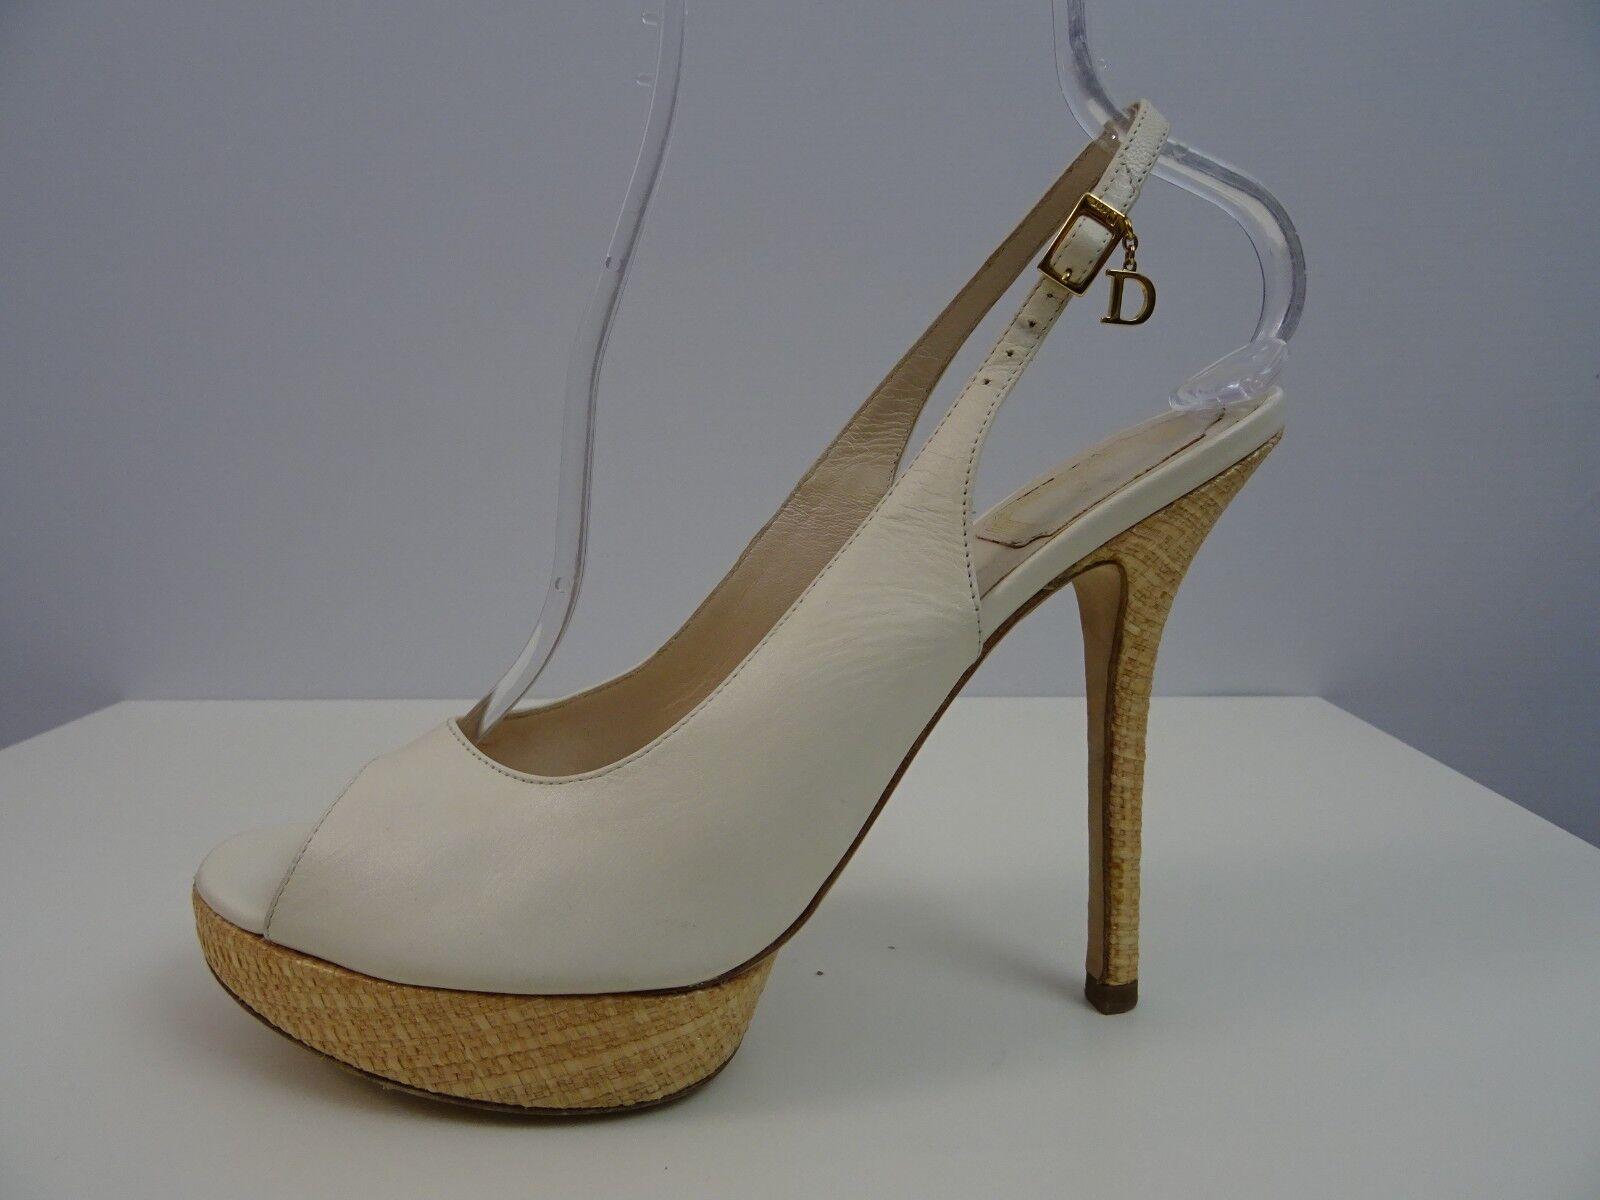 Dior Damen Schuhe Cremeweiß Plateau Pumps High Heels Cremeweiß Schuhe 40,5 Open Toe Schuhes Charms c7f3d8